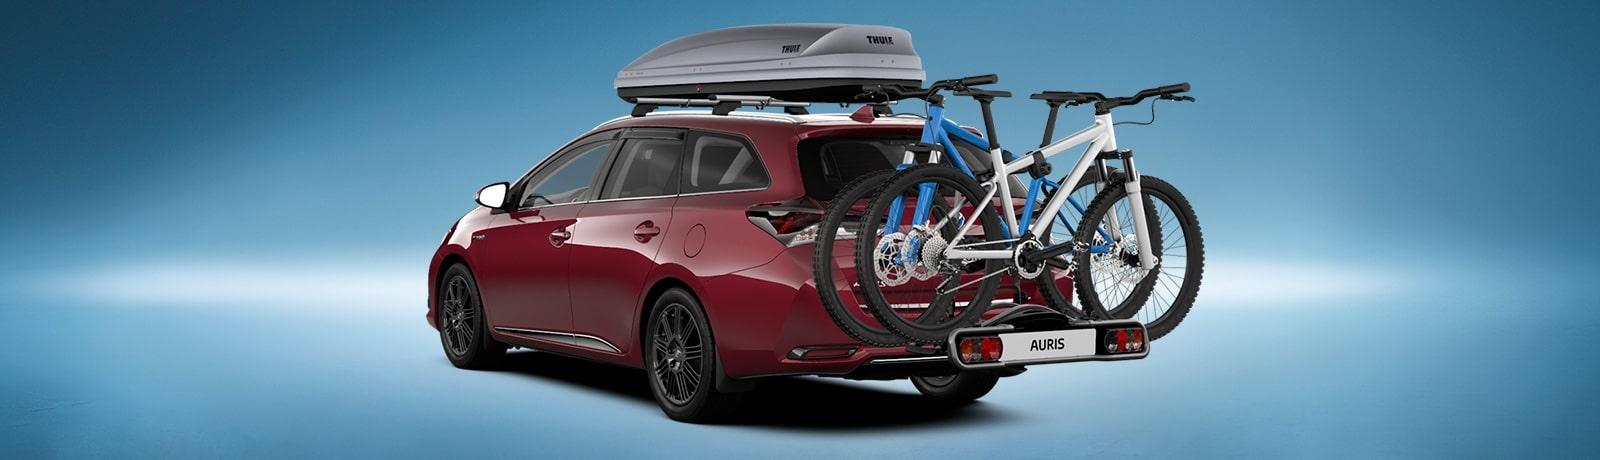 вело перевозка на авто